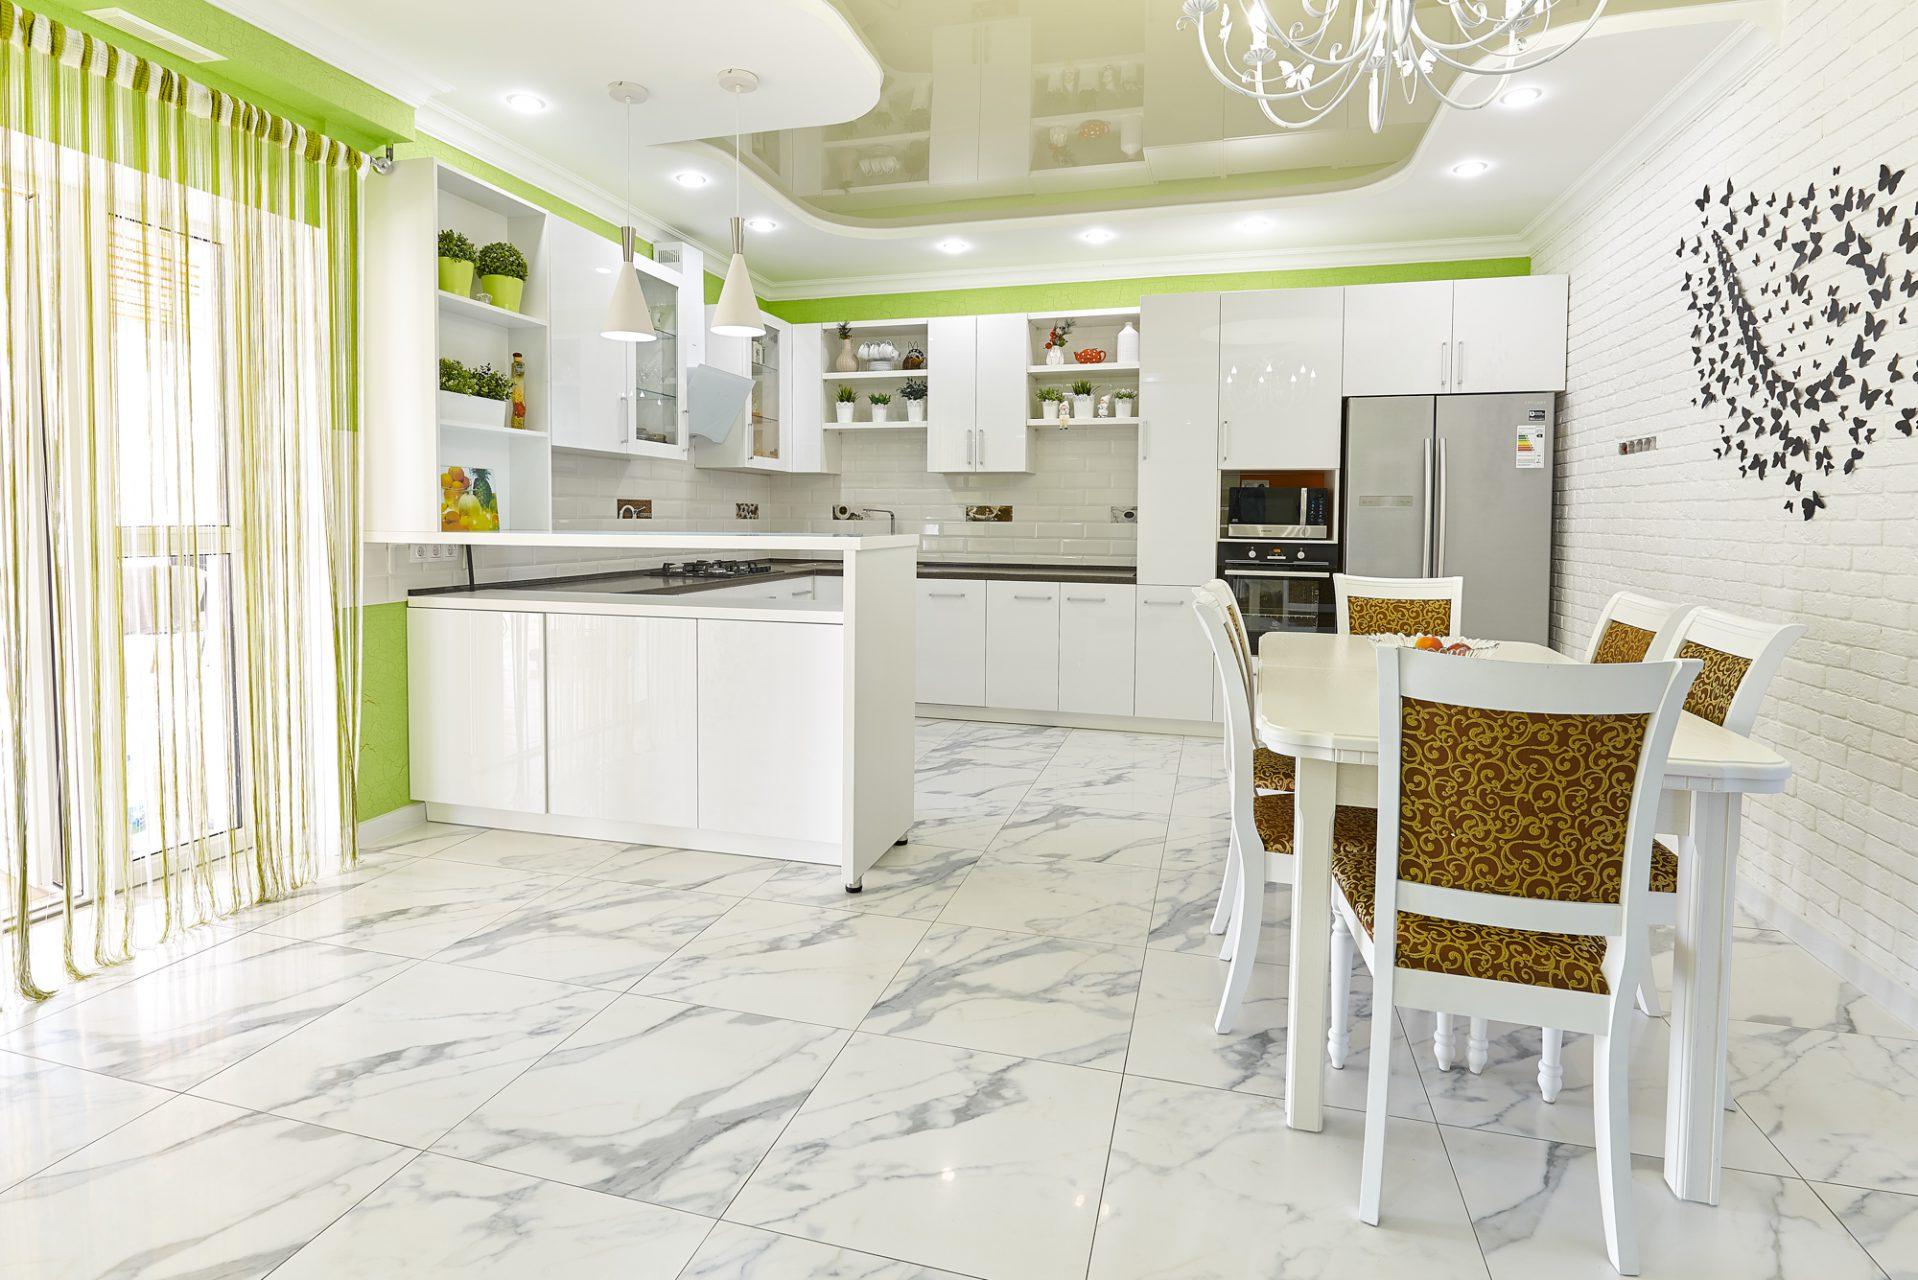 020_interior_kitchen1_korneychikeu